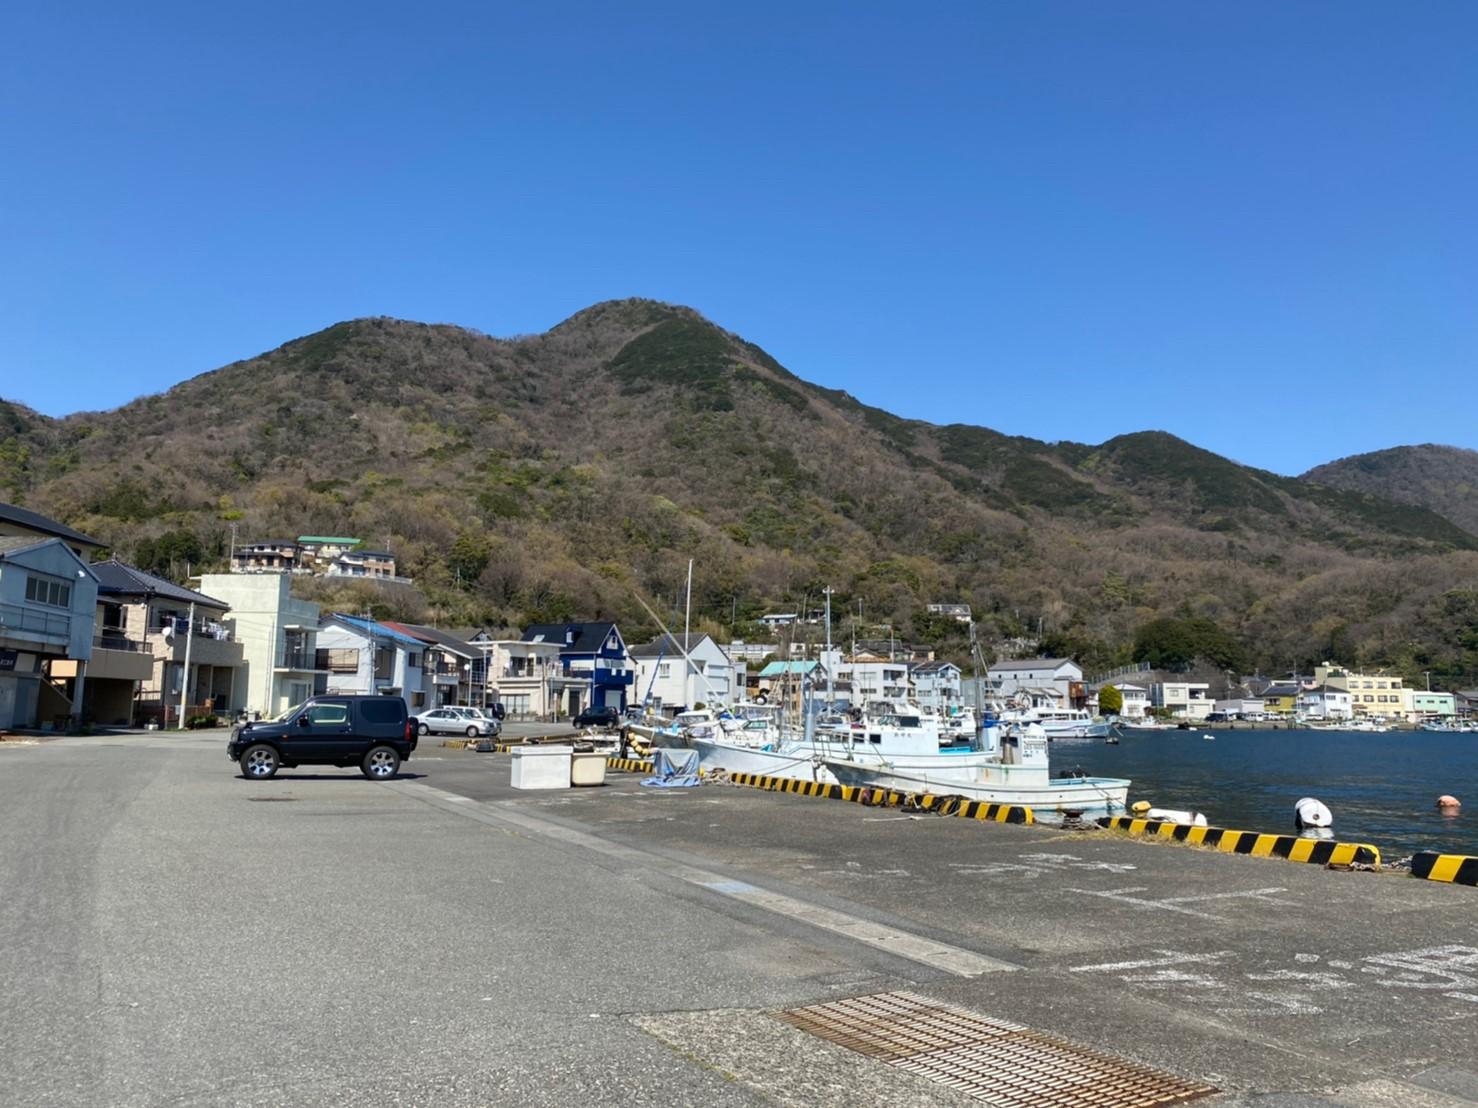 【沼津市】『ヤマハマリーナ西側』の釣り場ガイド(釣れる魚・駐車場)